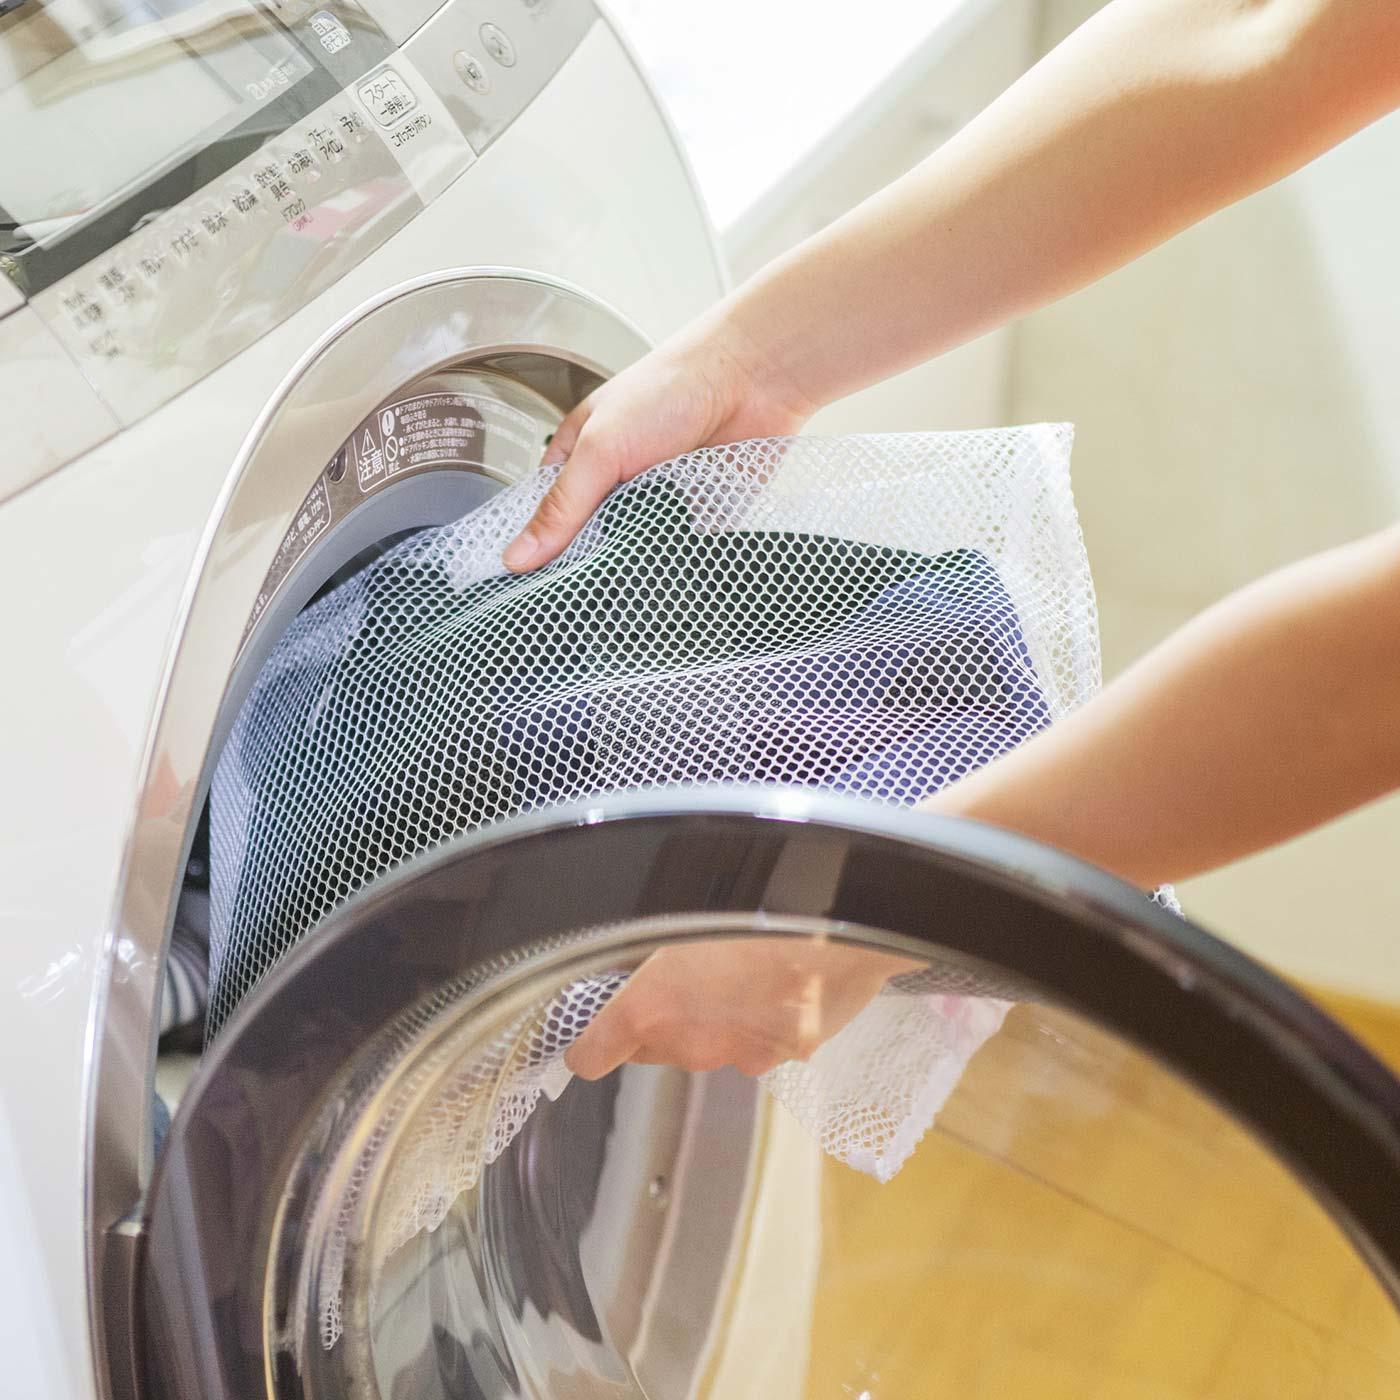 洗濯機で洗える。ネットに入れて洗濯機に入れるだけ。Tシャツ感覚でお手入れできます。